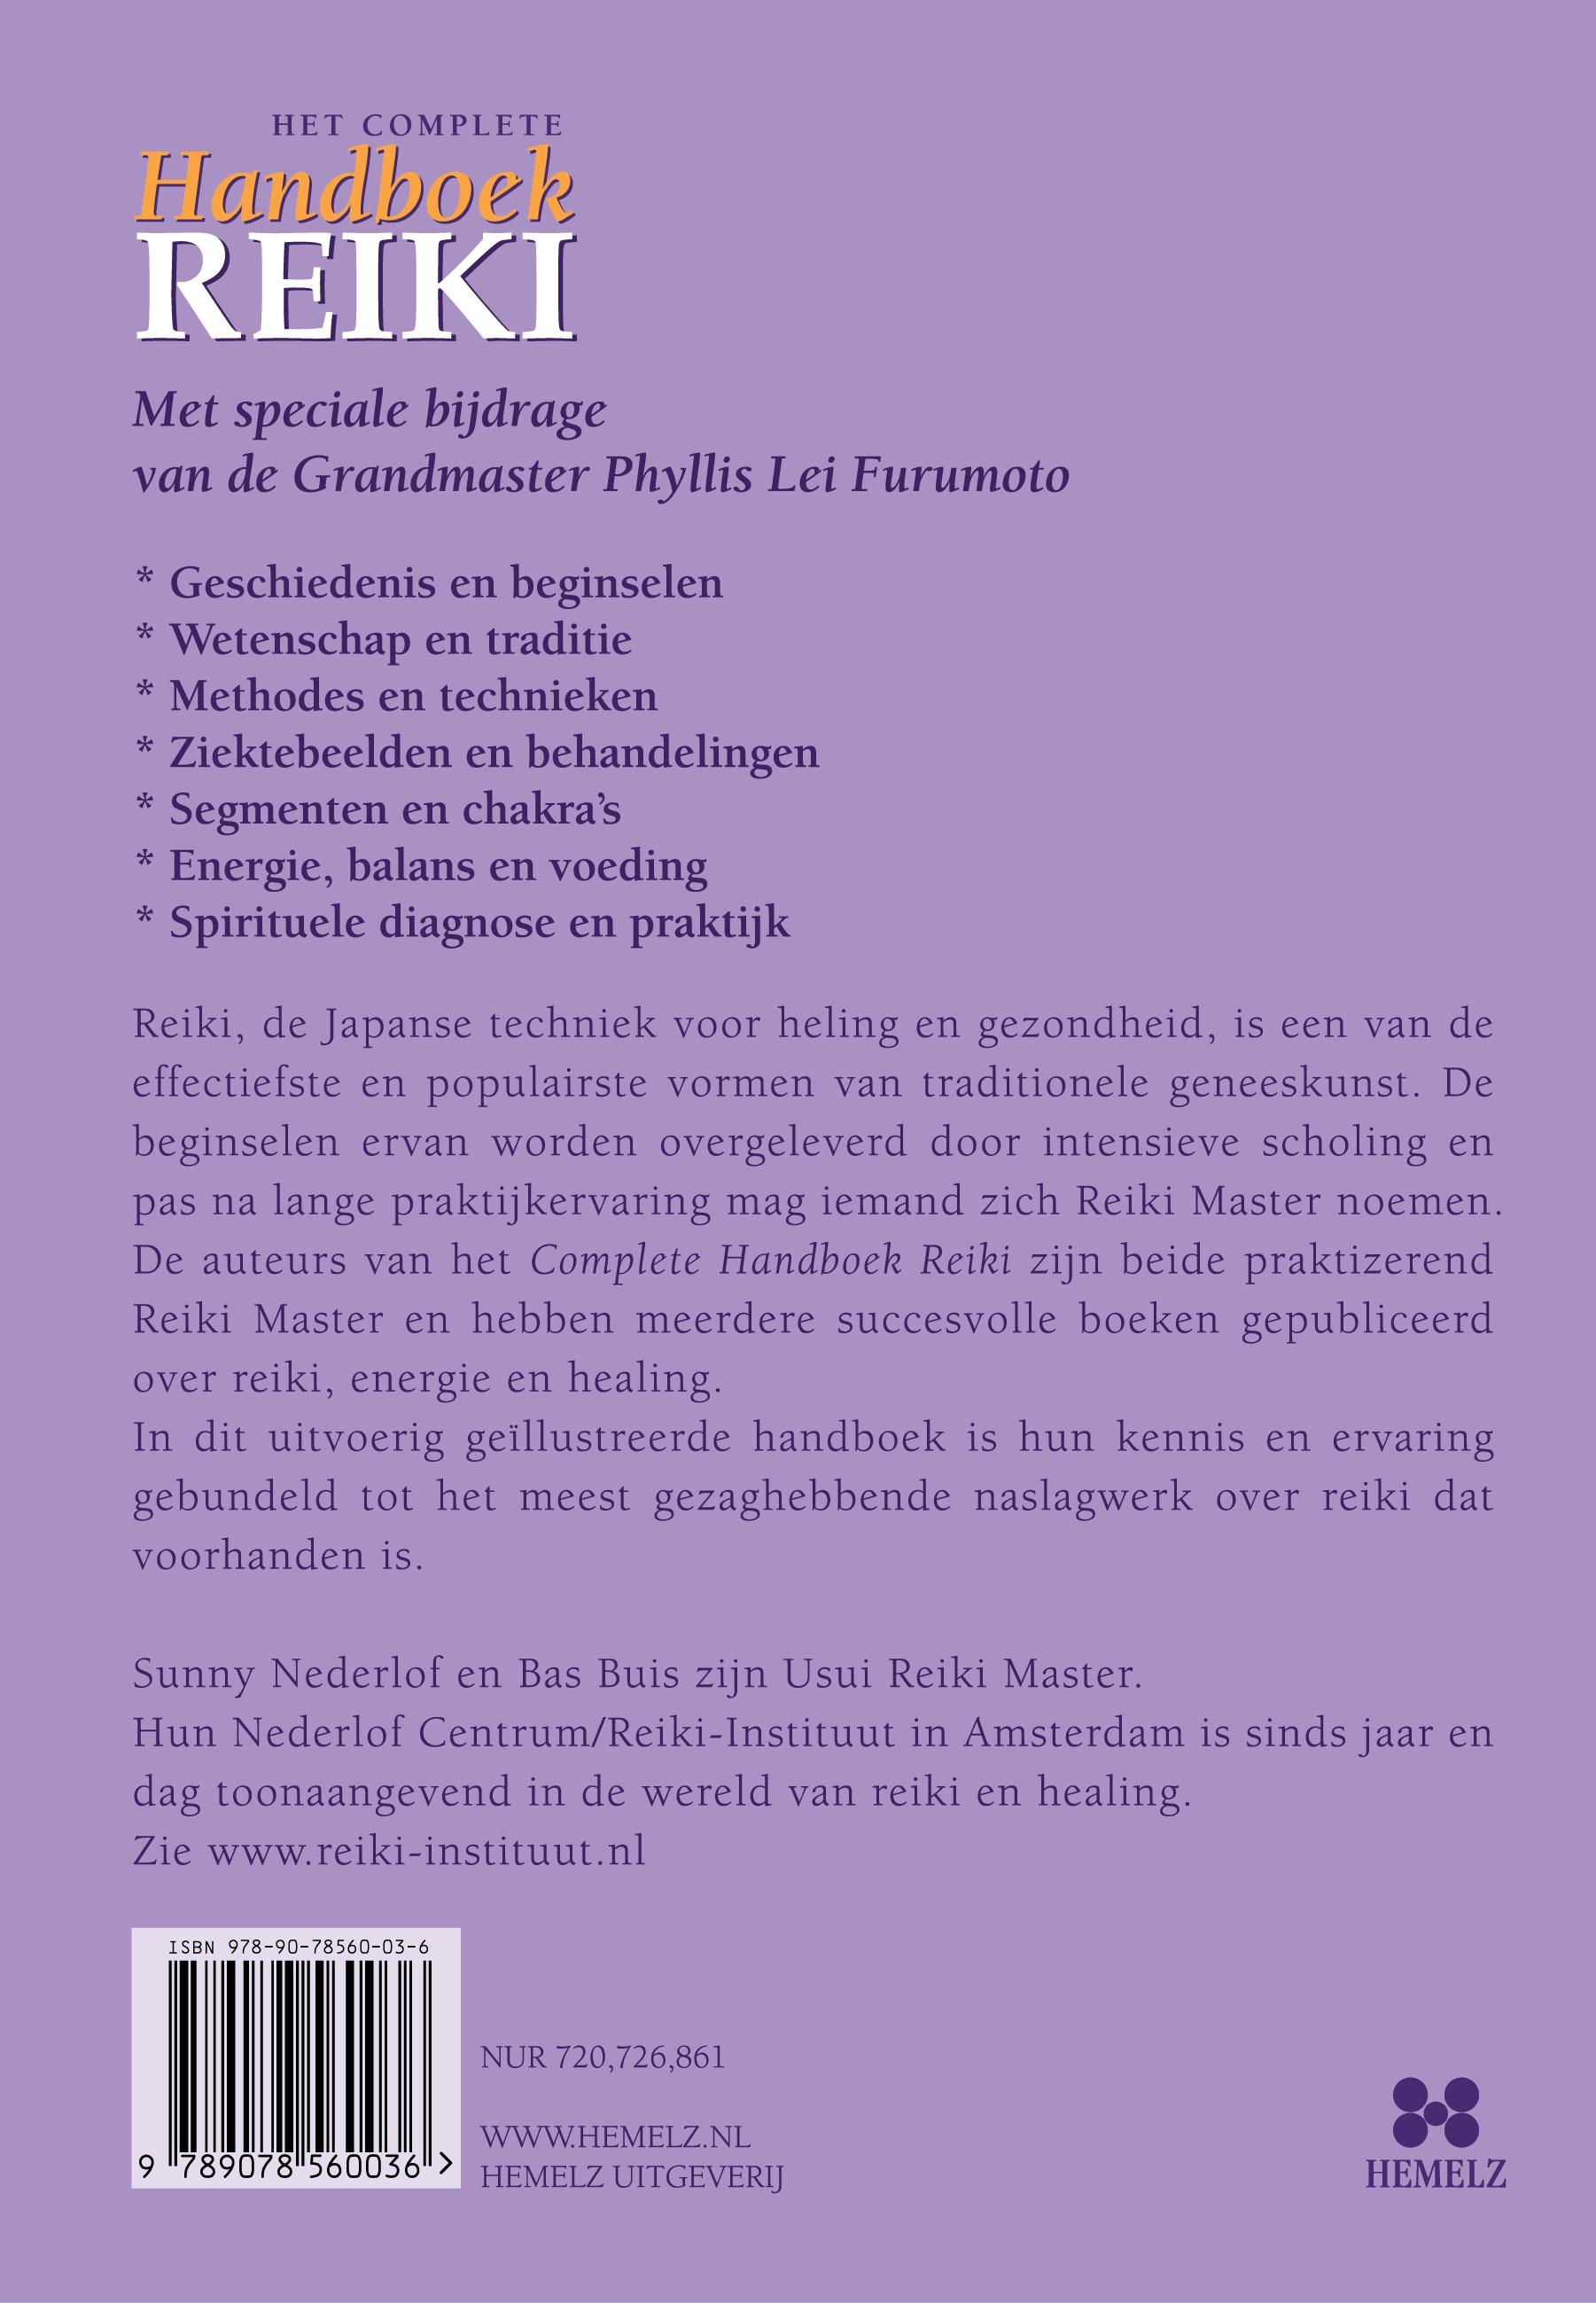 Complete Handboek Reiki - achterflap